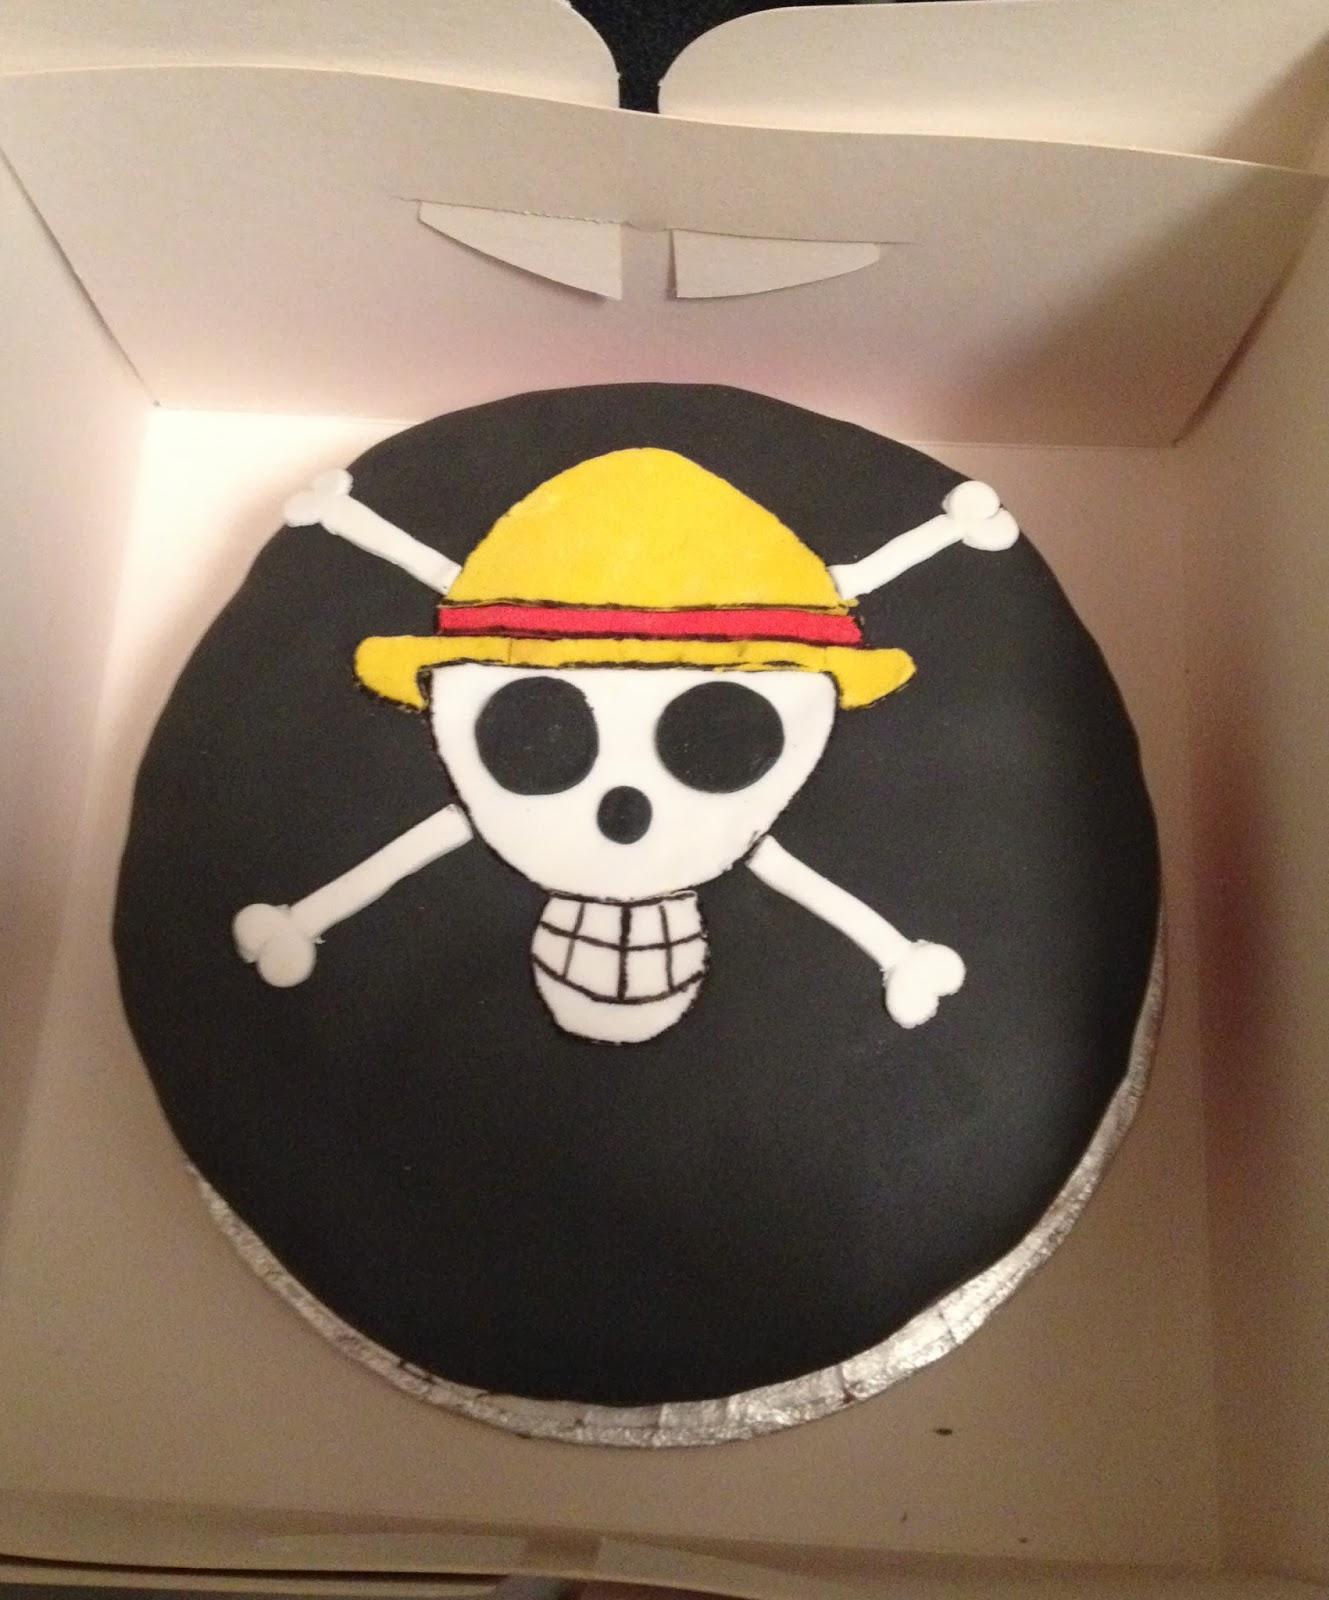 Top Gâteau One Piece ~ Geek-moi un gâteau XL87